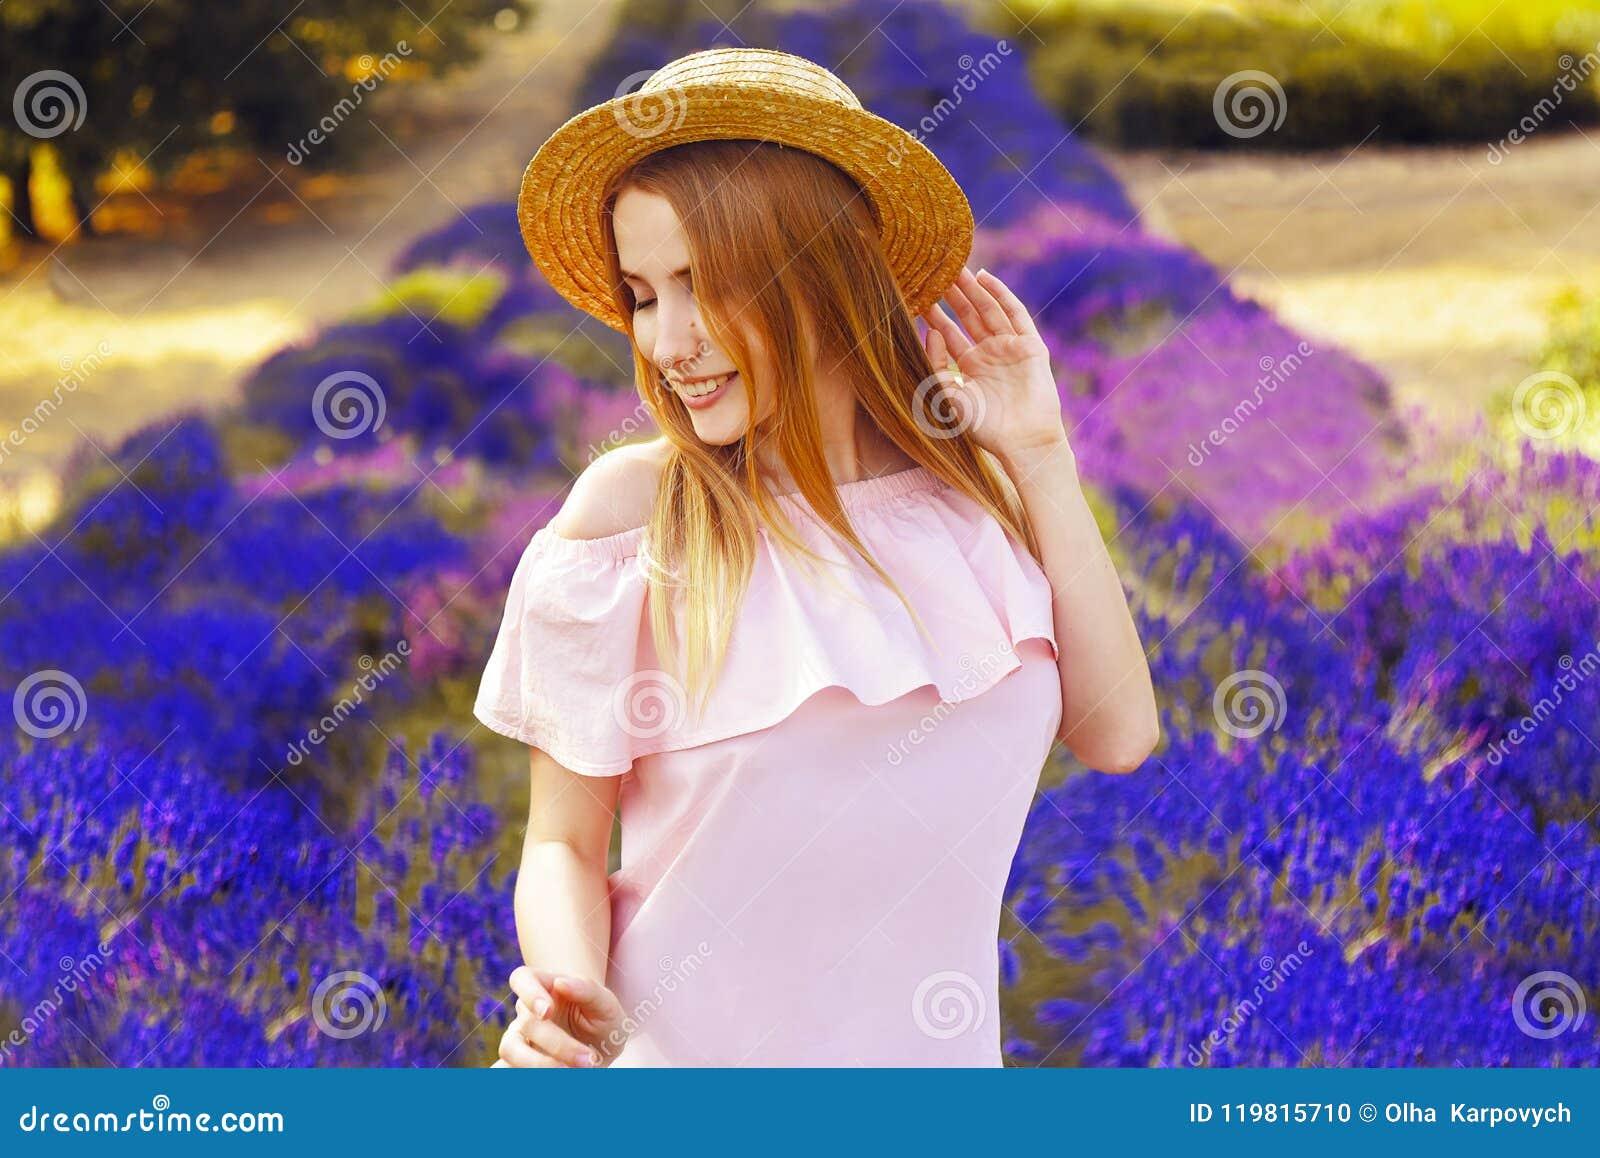 Красивая девушка на поле лаванды Красивая женщина в поле лаванды на заходе солнца сфокусируйте мягко Франция Провансаль Улыбка